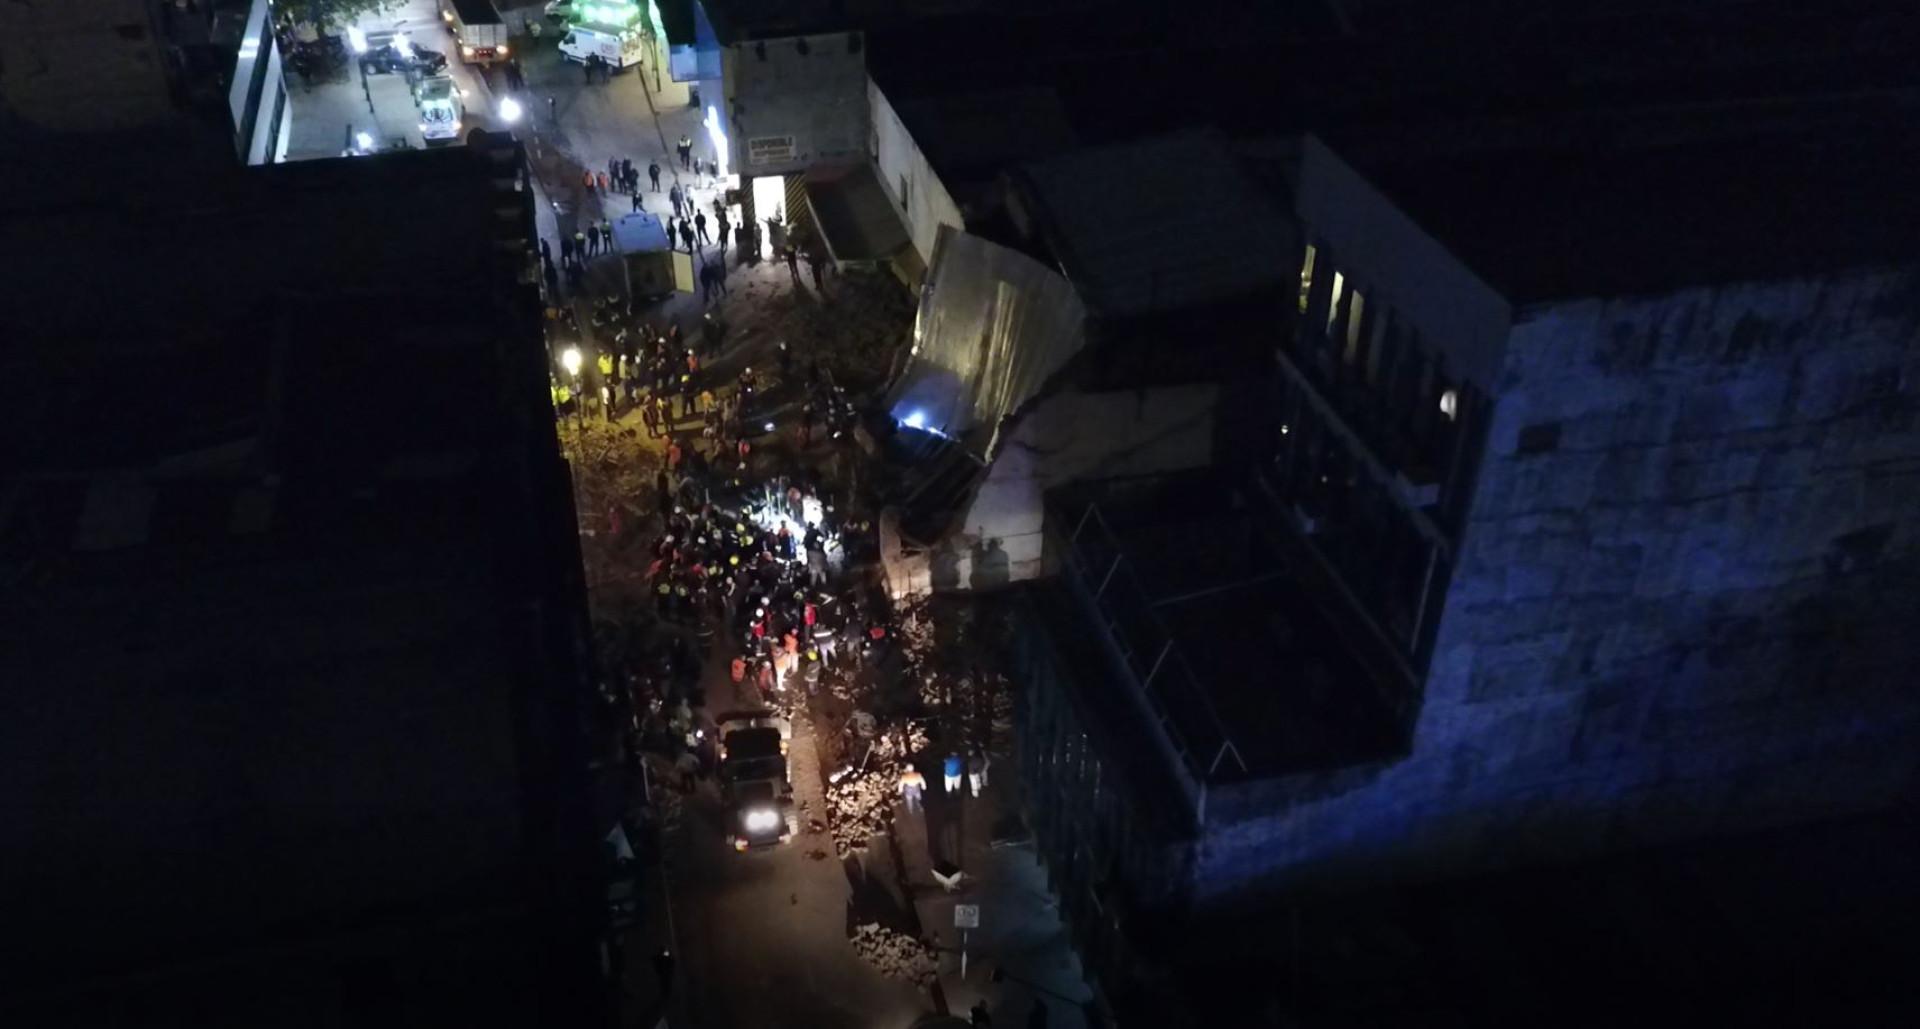 Antigo cinema colapsa na Argentina e faz pelo menos três mortos